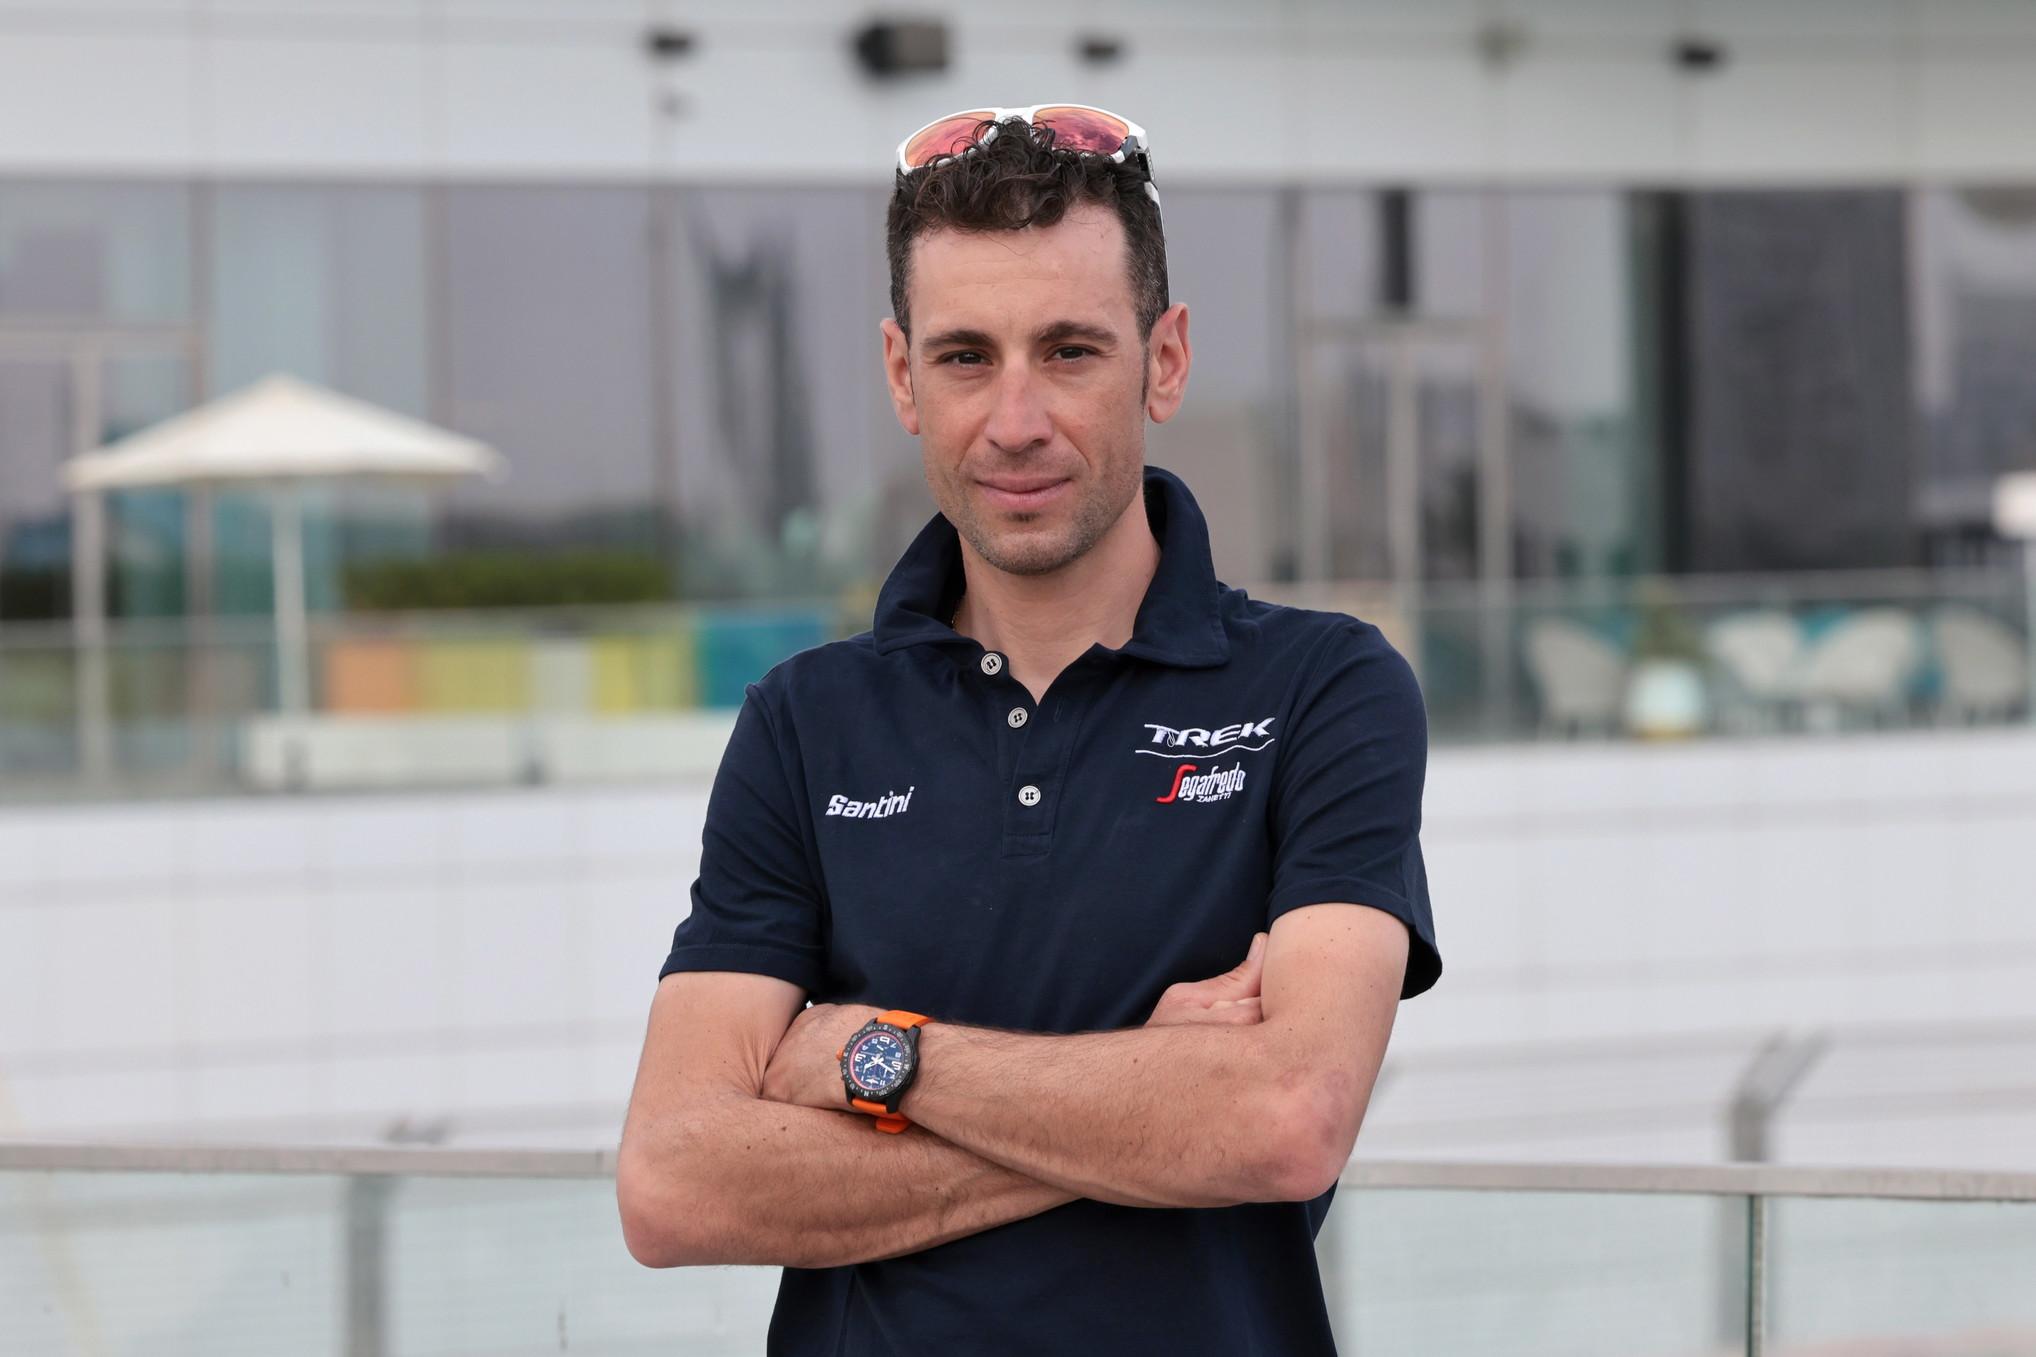 <p>La Trek-Segafredo schiera due punte con il due volte vincitore della Corsa Rosa Vincenzo Nibali, al rientro dopo l'infortunio al polso.</p>